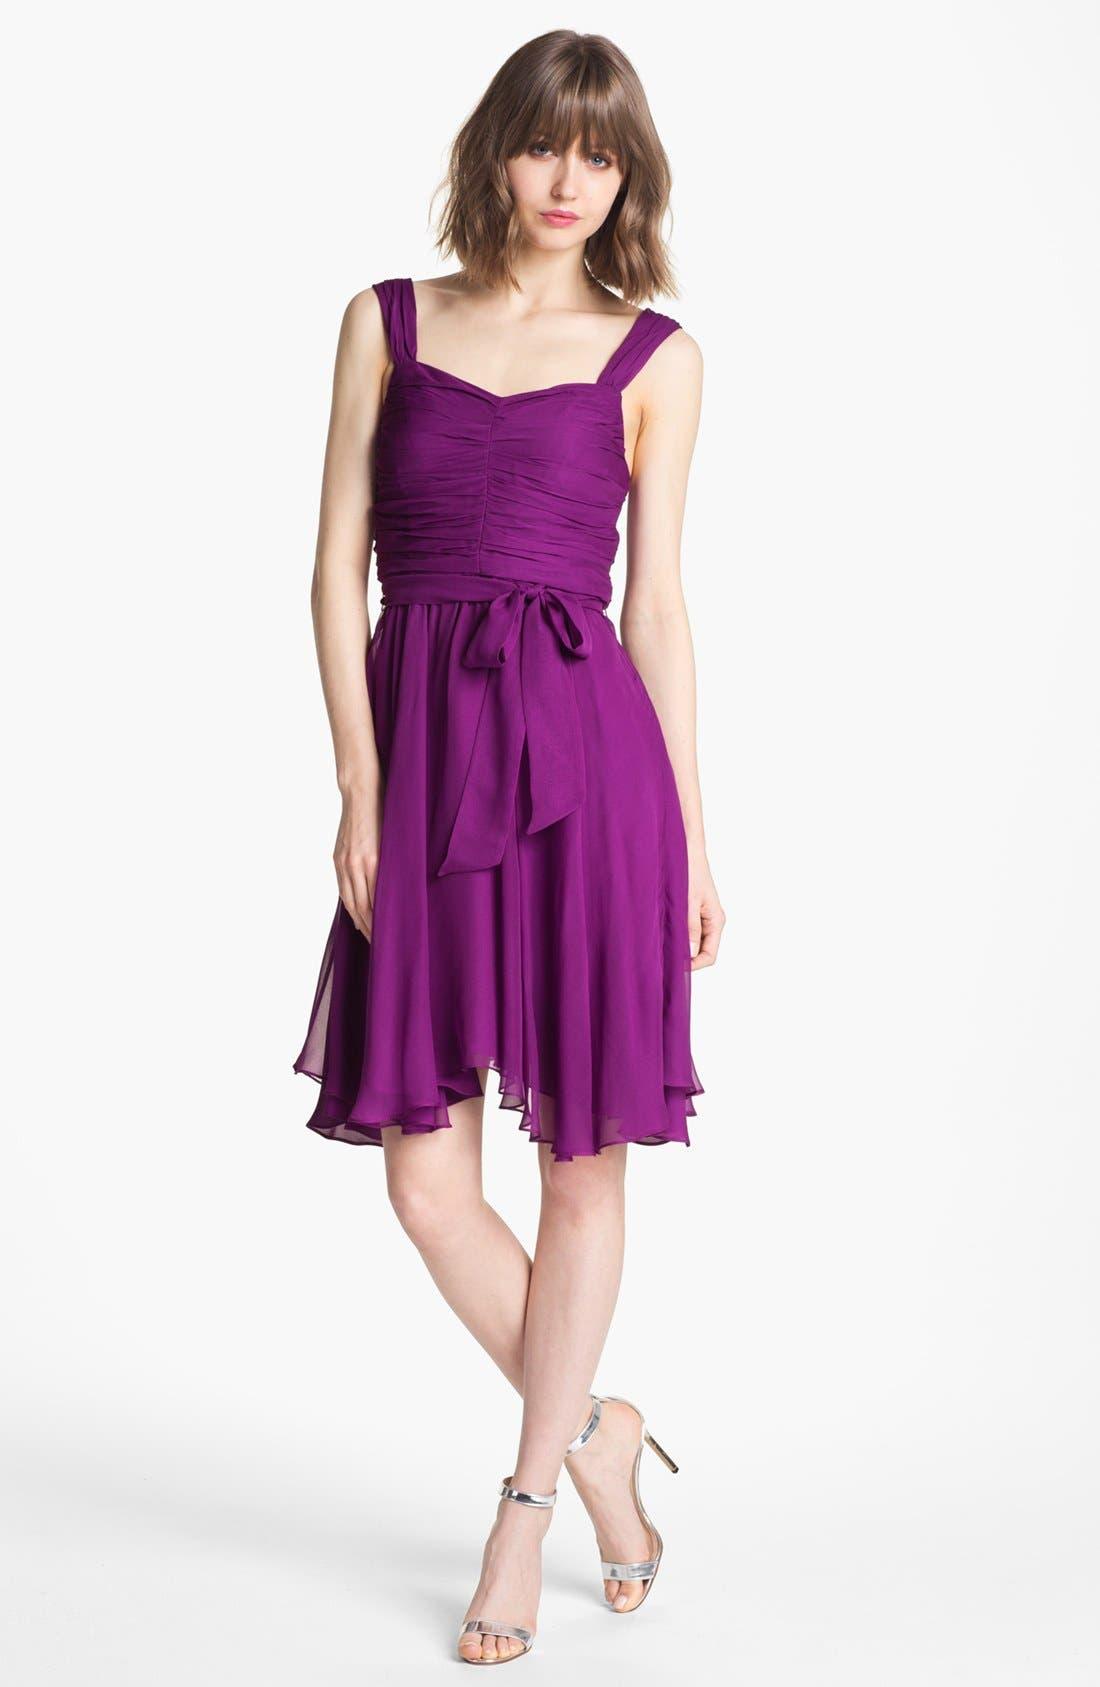 Main Image - Ivy & Blu Ruched Chiffon Dress